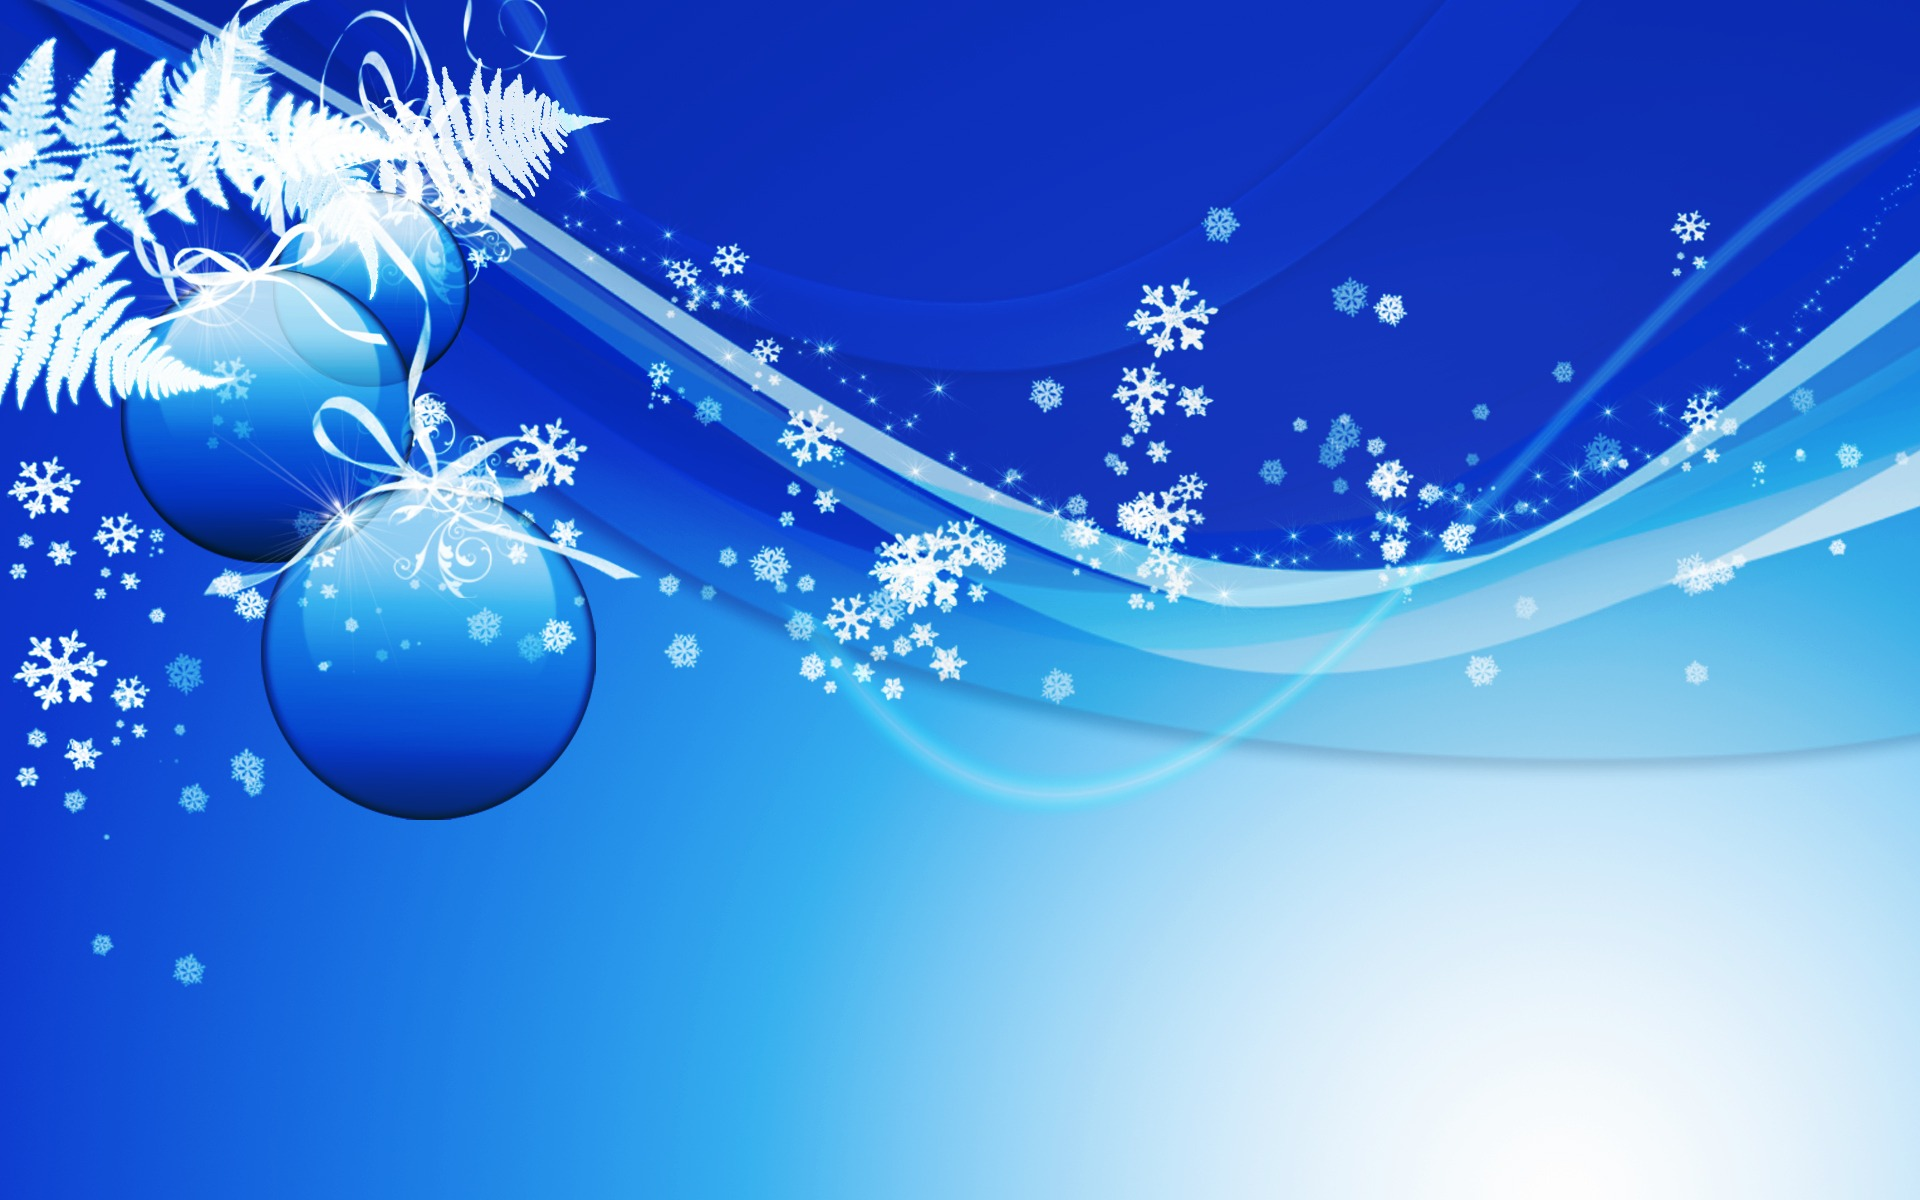 wwwsmscscomphotofree christmas desktop wallpaper for machtml 1920x1200